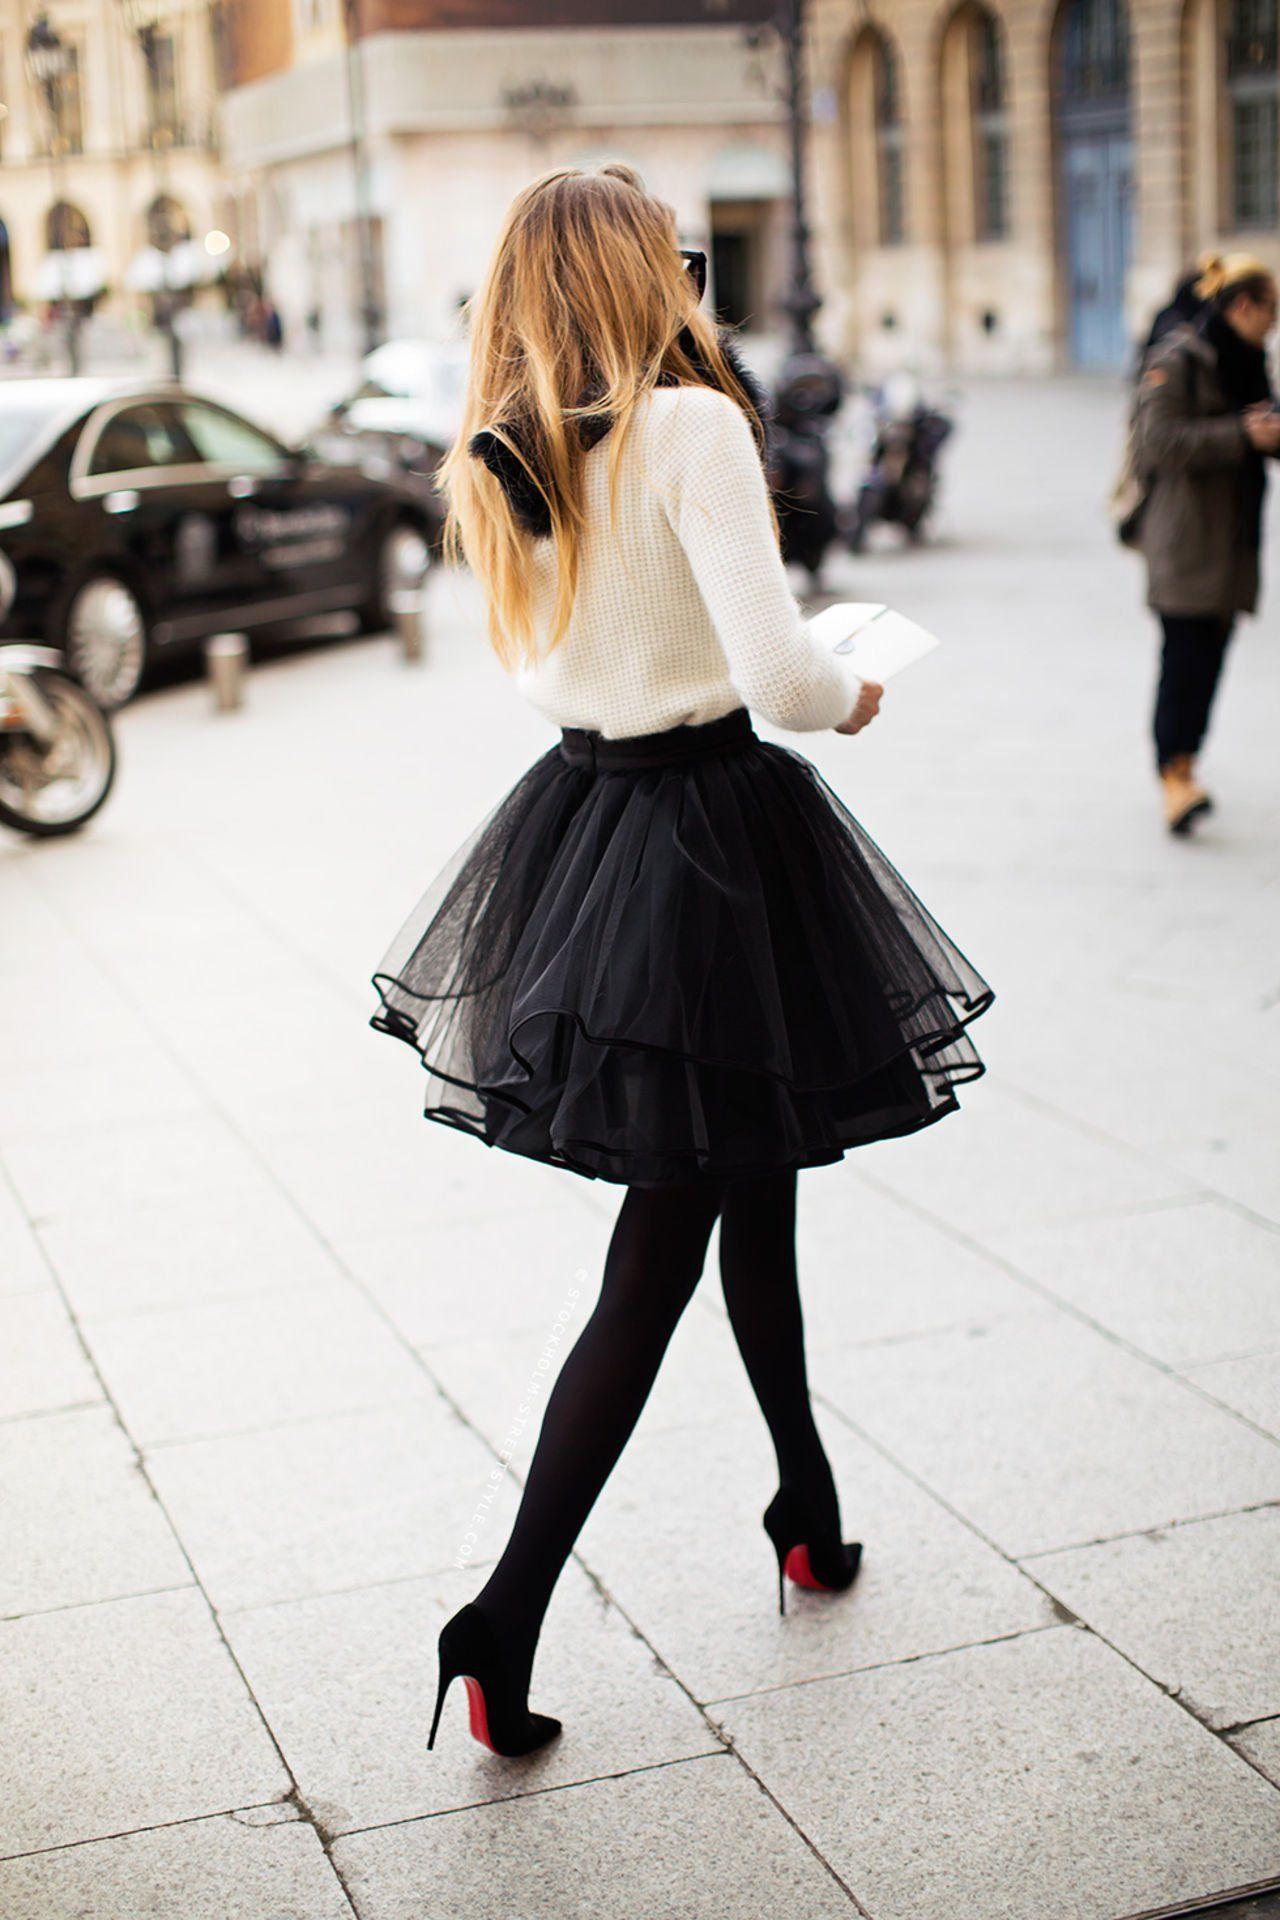 35859c49f 20 Faldas de tul para lograr el look de otoño más chic